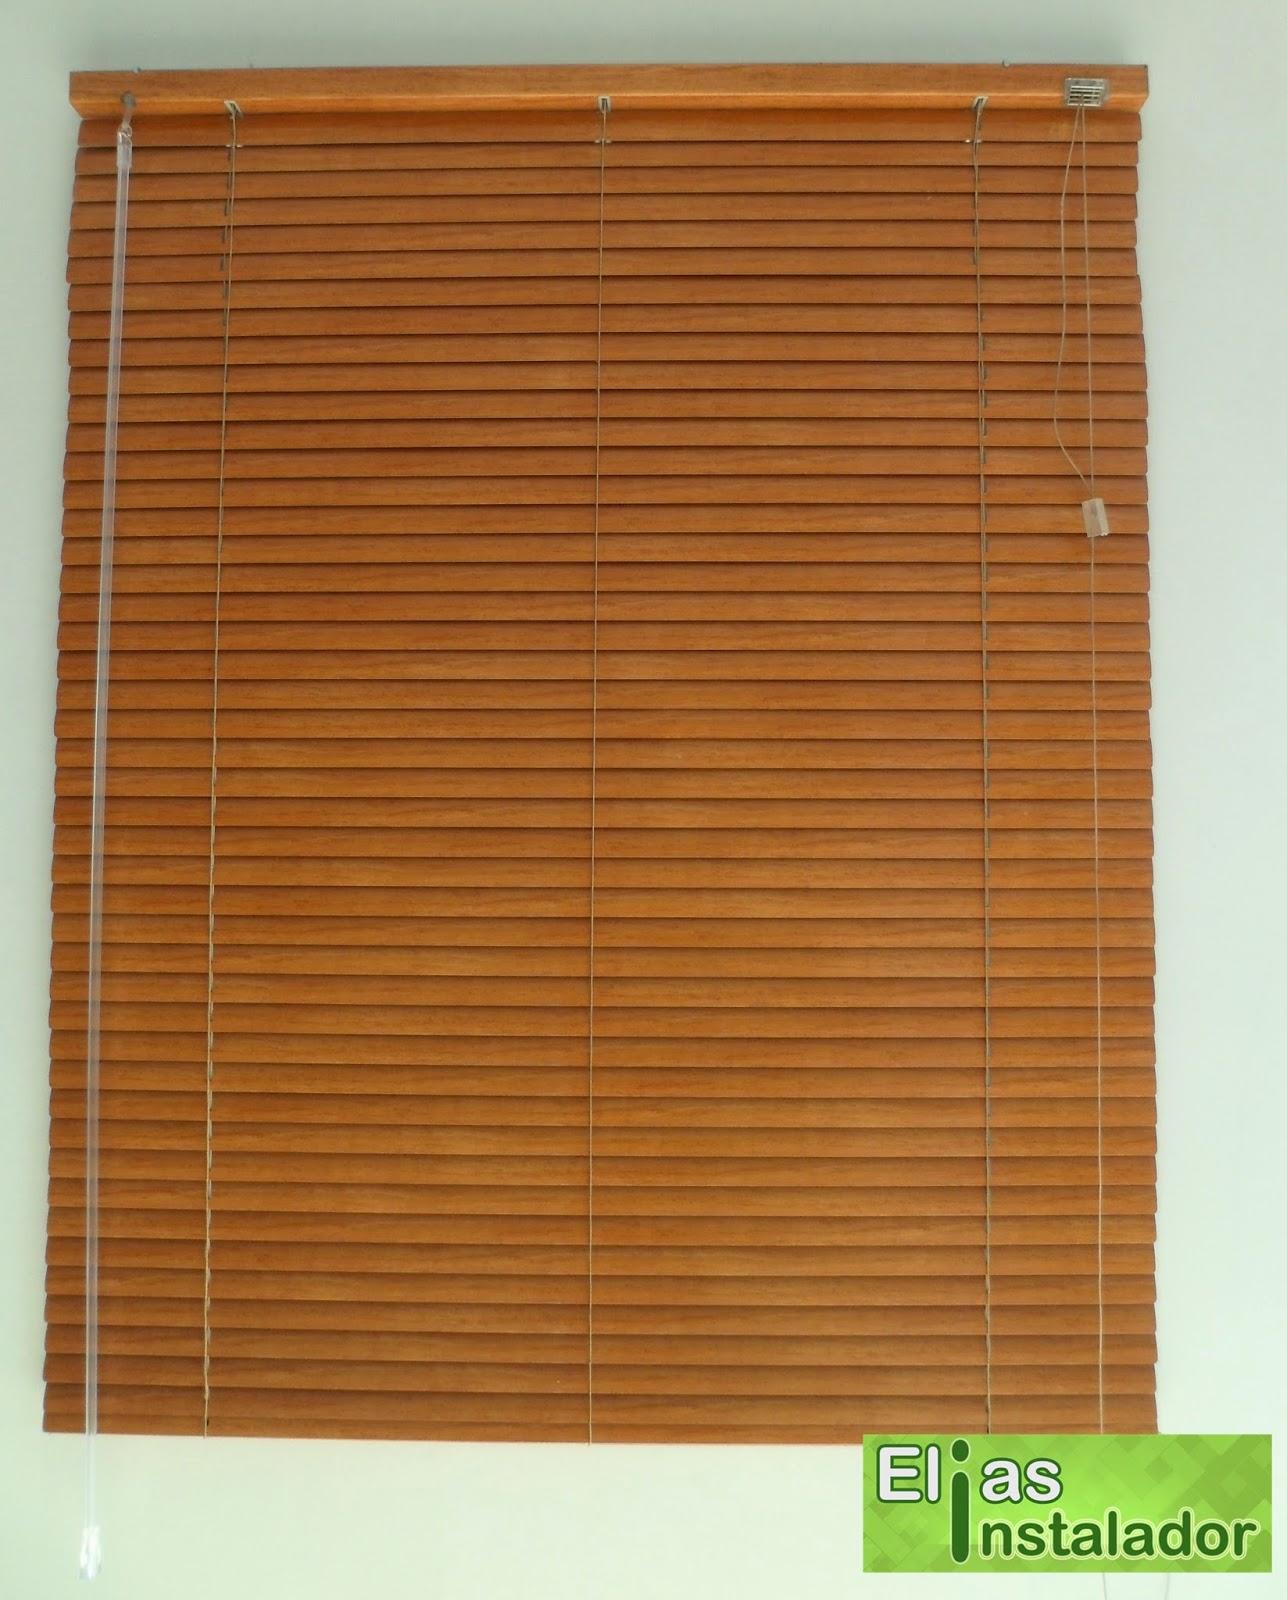 #82481C Elias Instalador: Persiana horizontal cor madeira em porta e janela 606 Janelas Em Pvc Cor Madeira